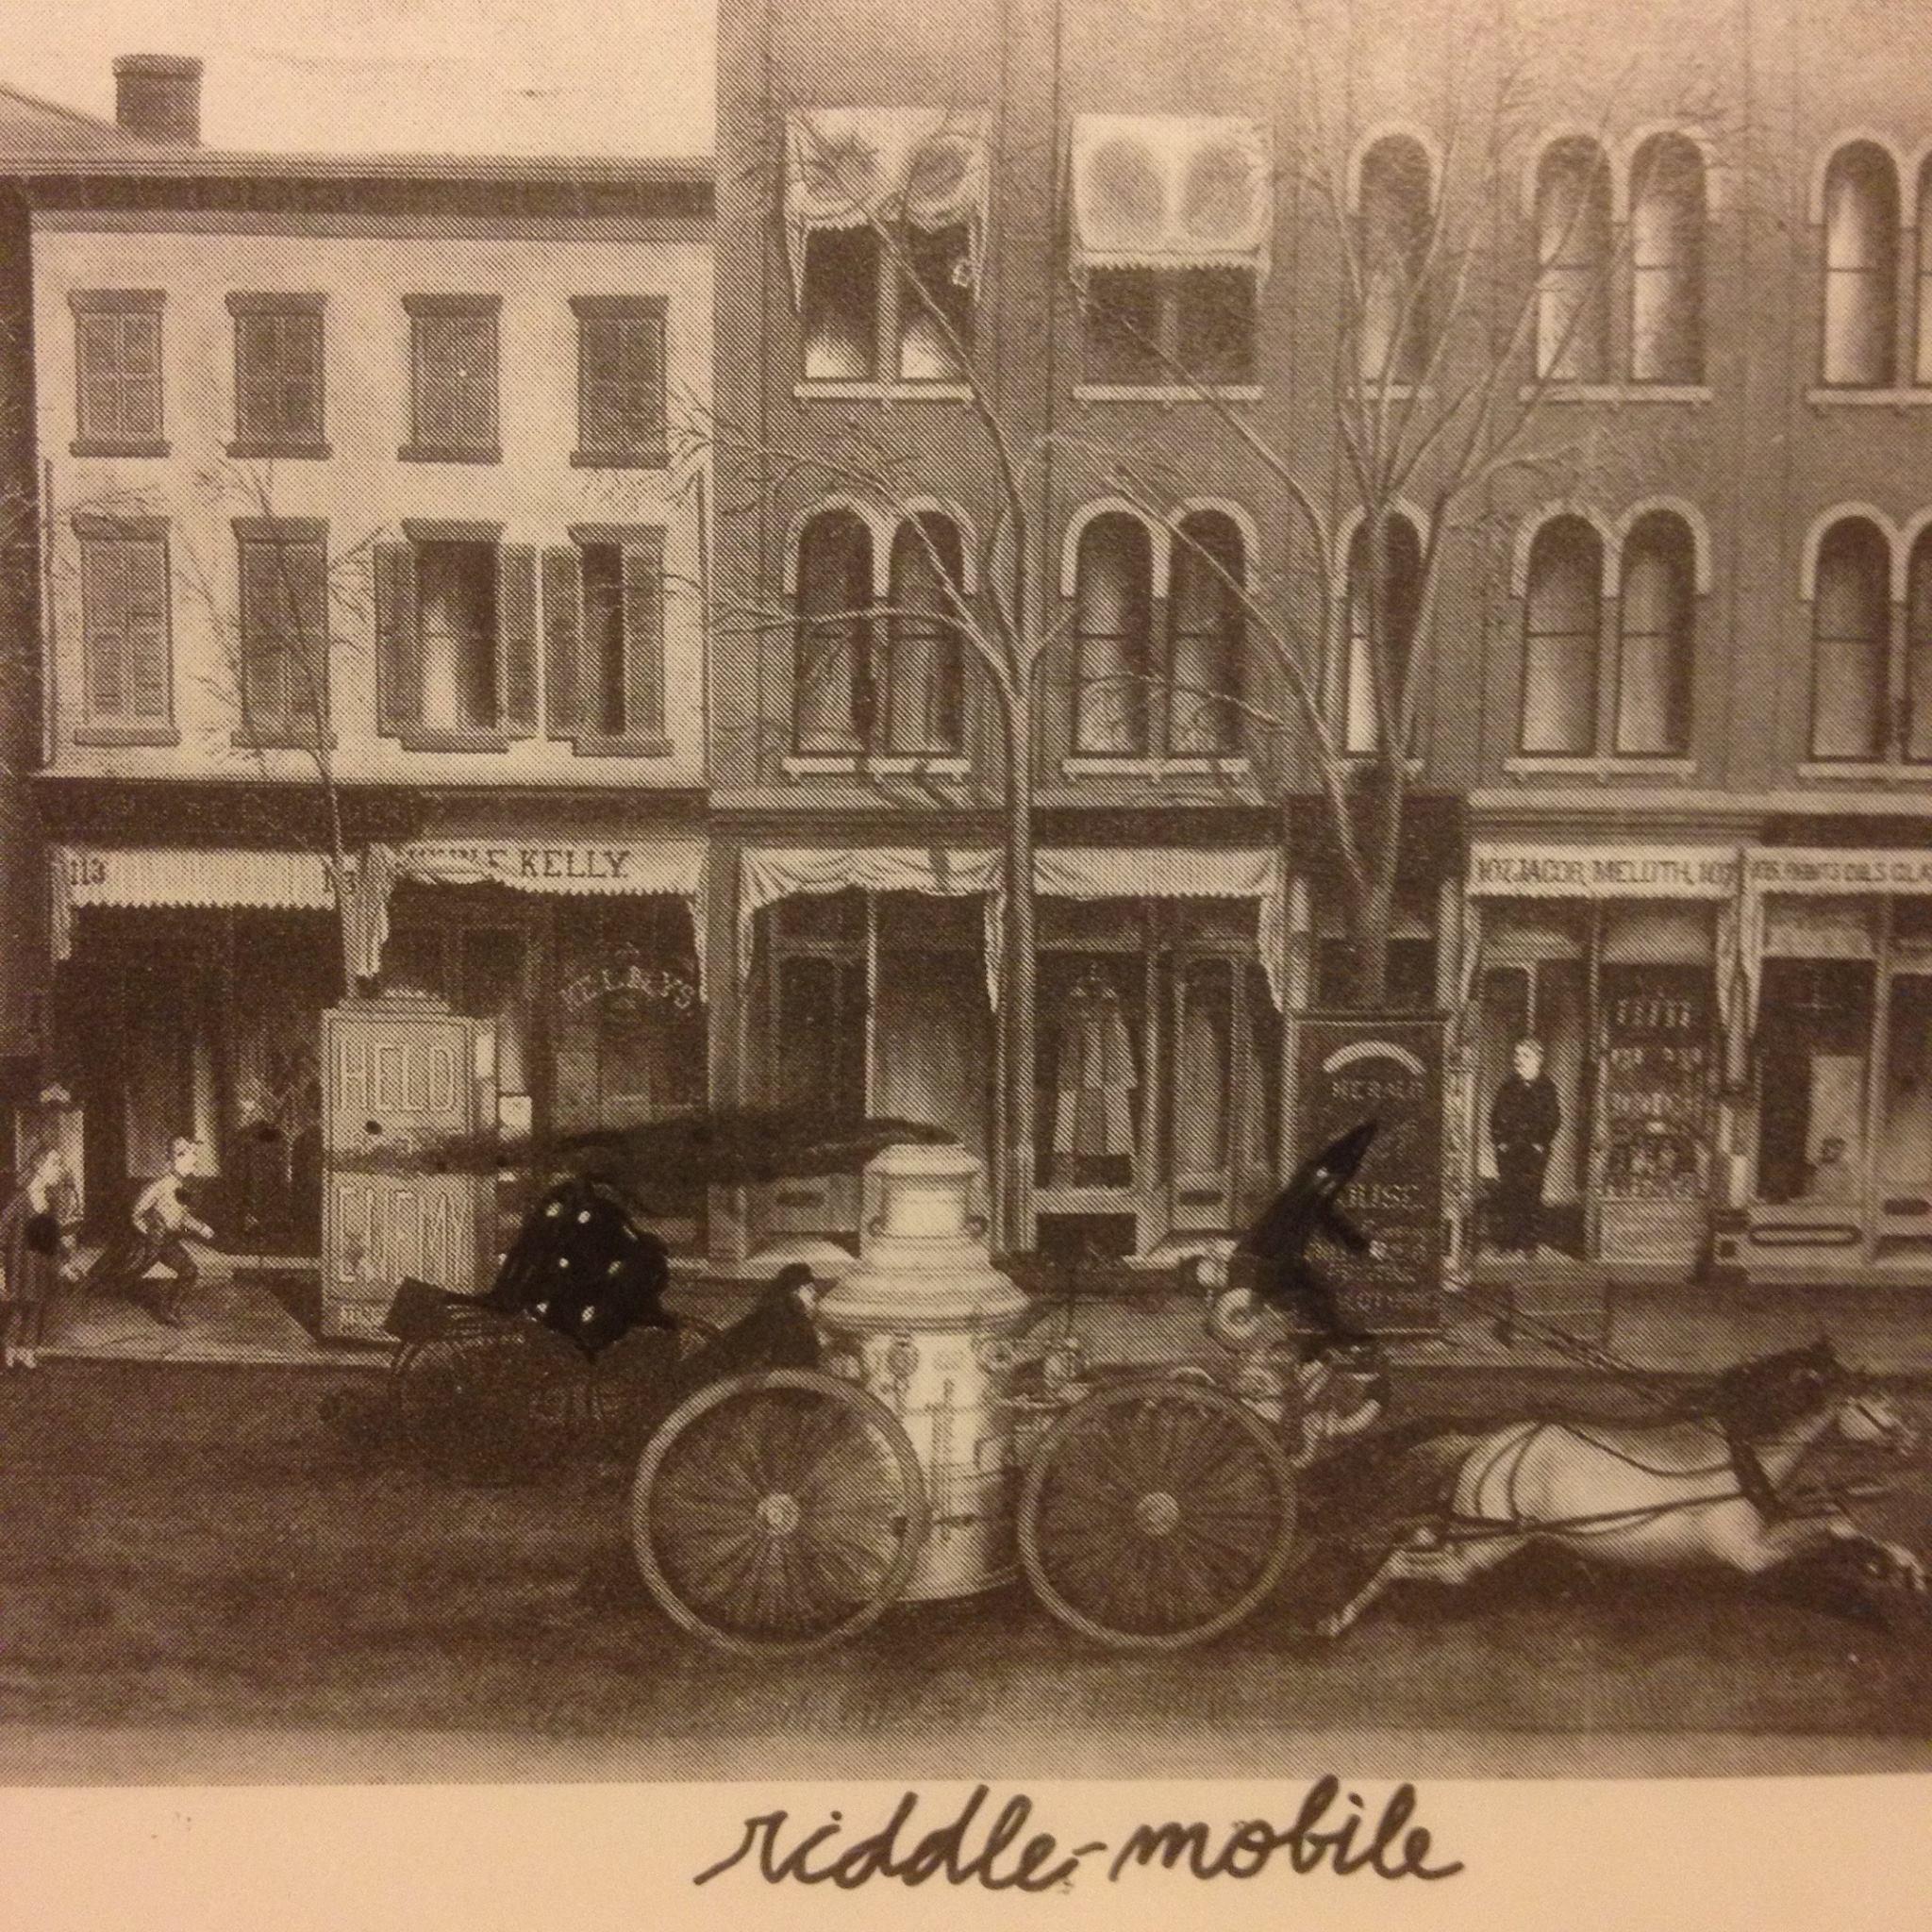 ~Riddle Mobile, via Ernest Opper